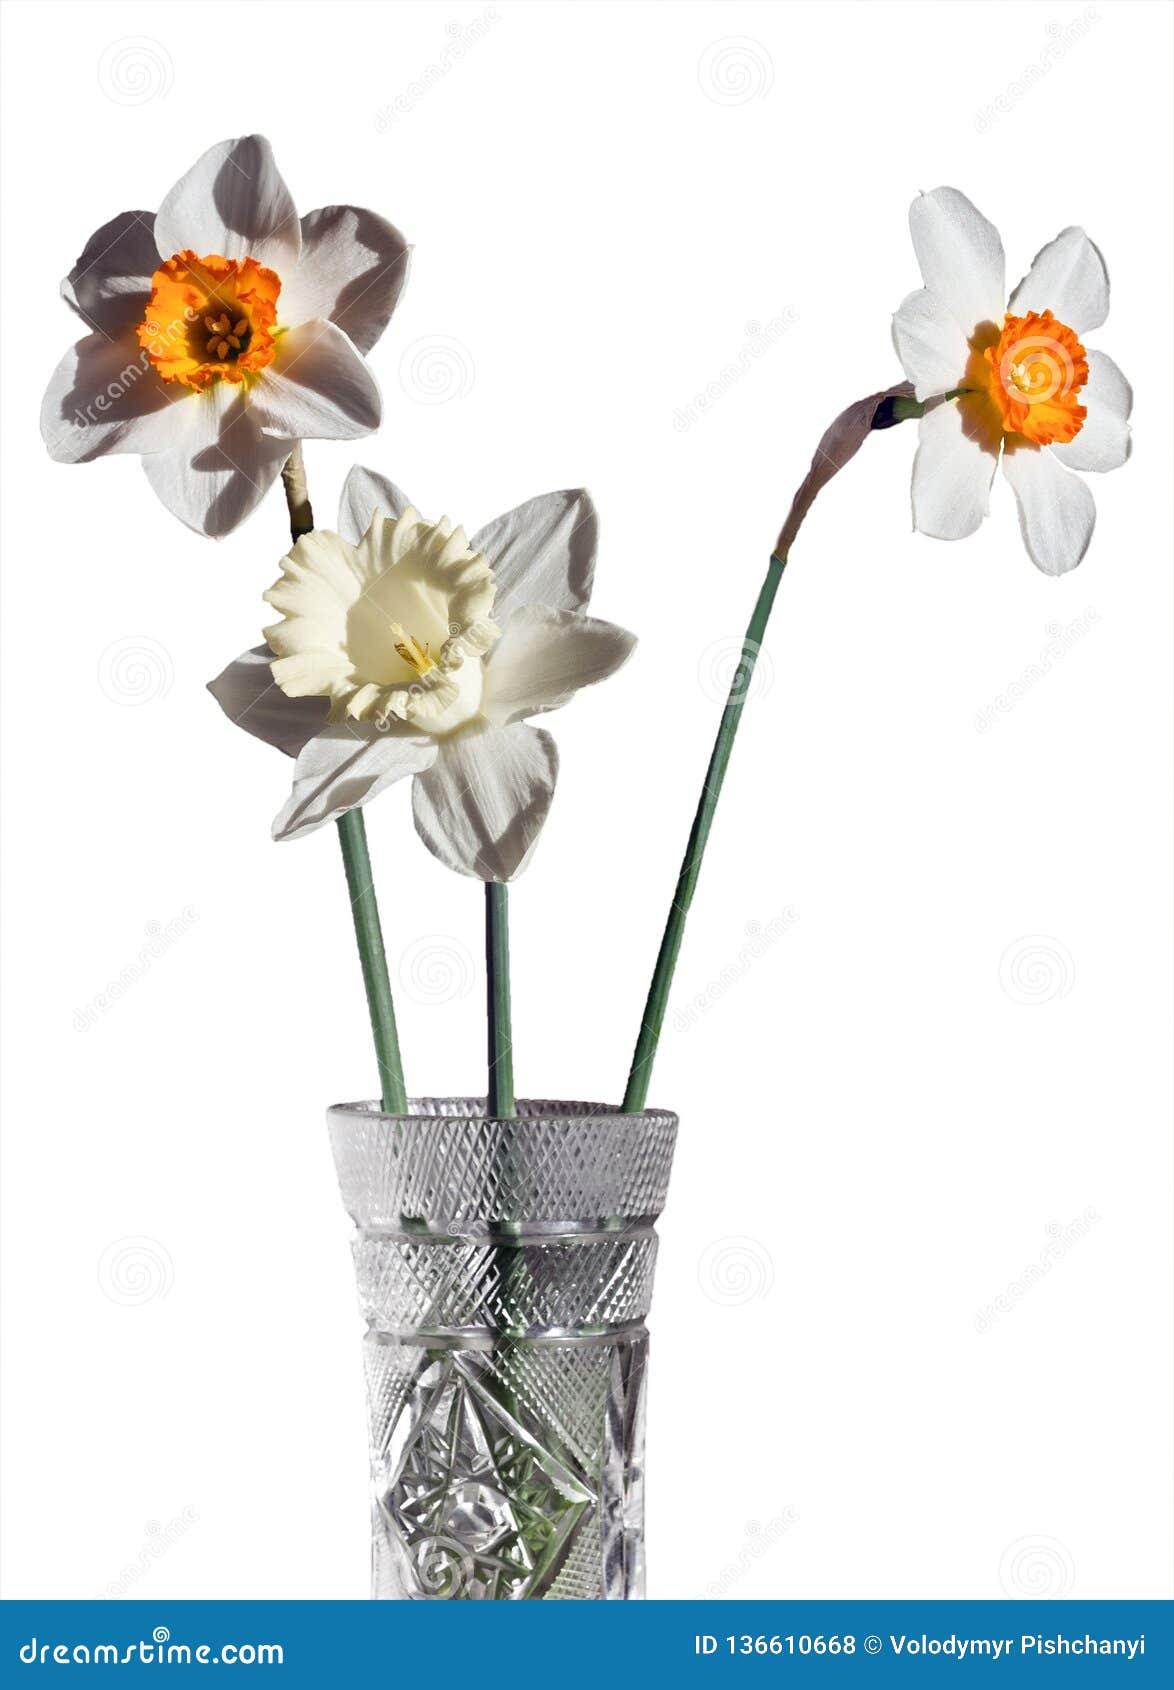 Três narcisos amarelos diferentes em um ramalhete em um vaso de cristal em um fundo branco